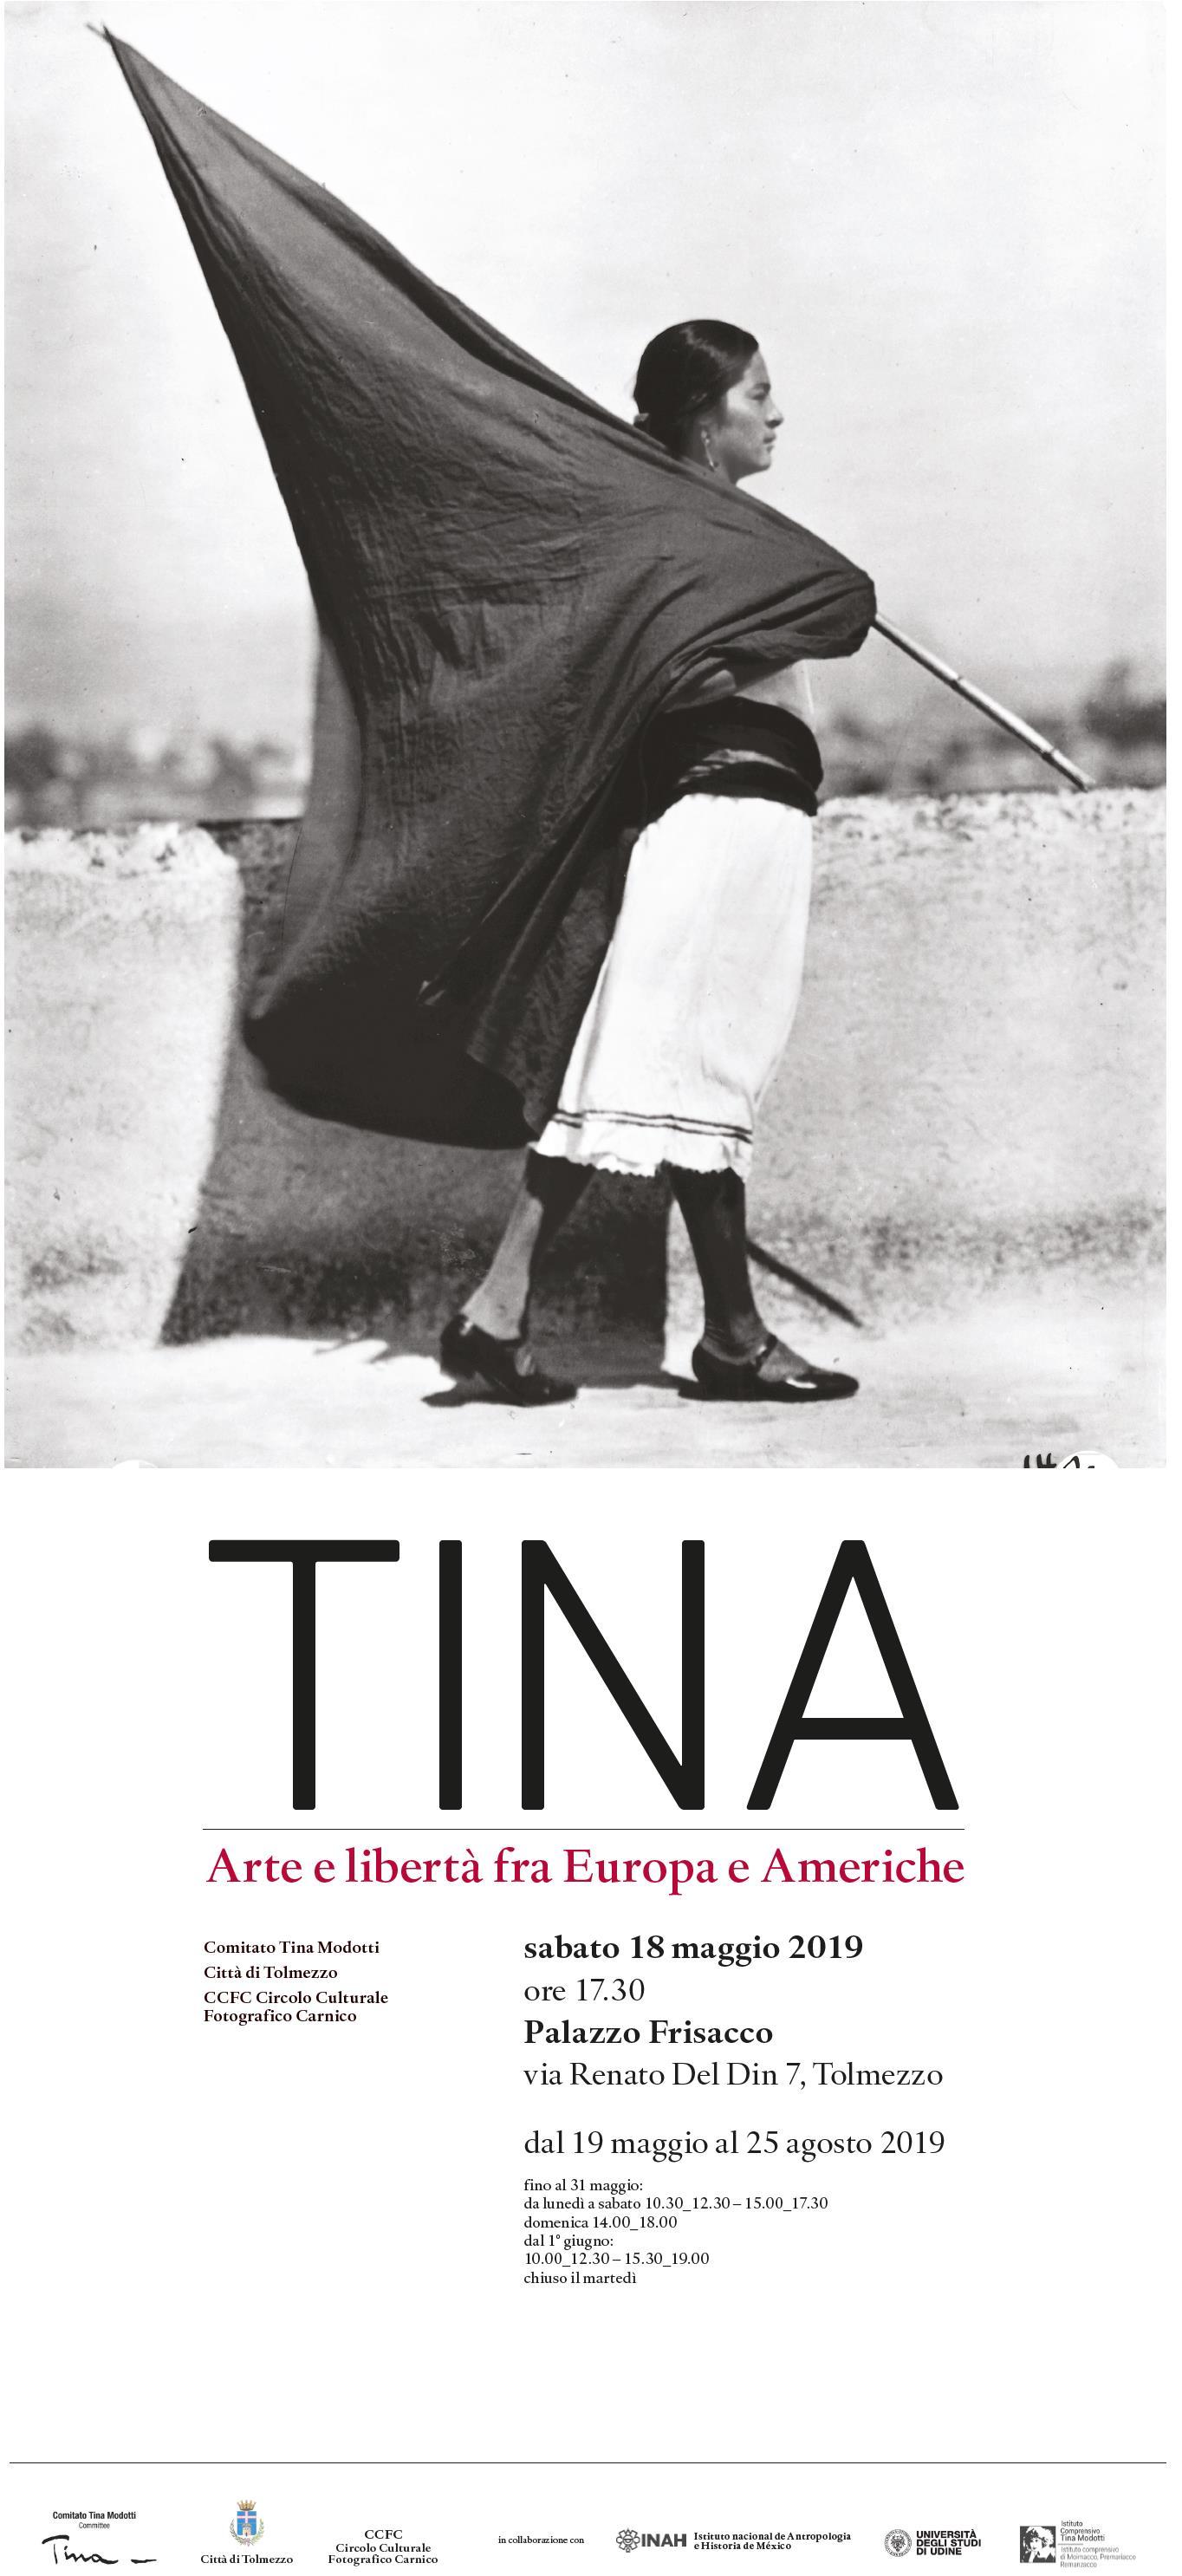 Tina Arte e libertà fra Europa e Americhe